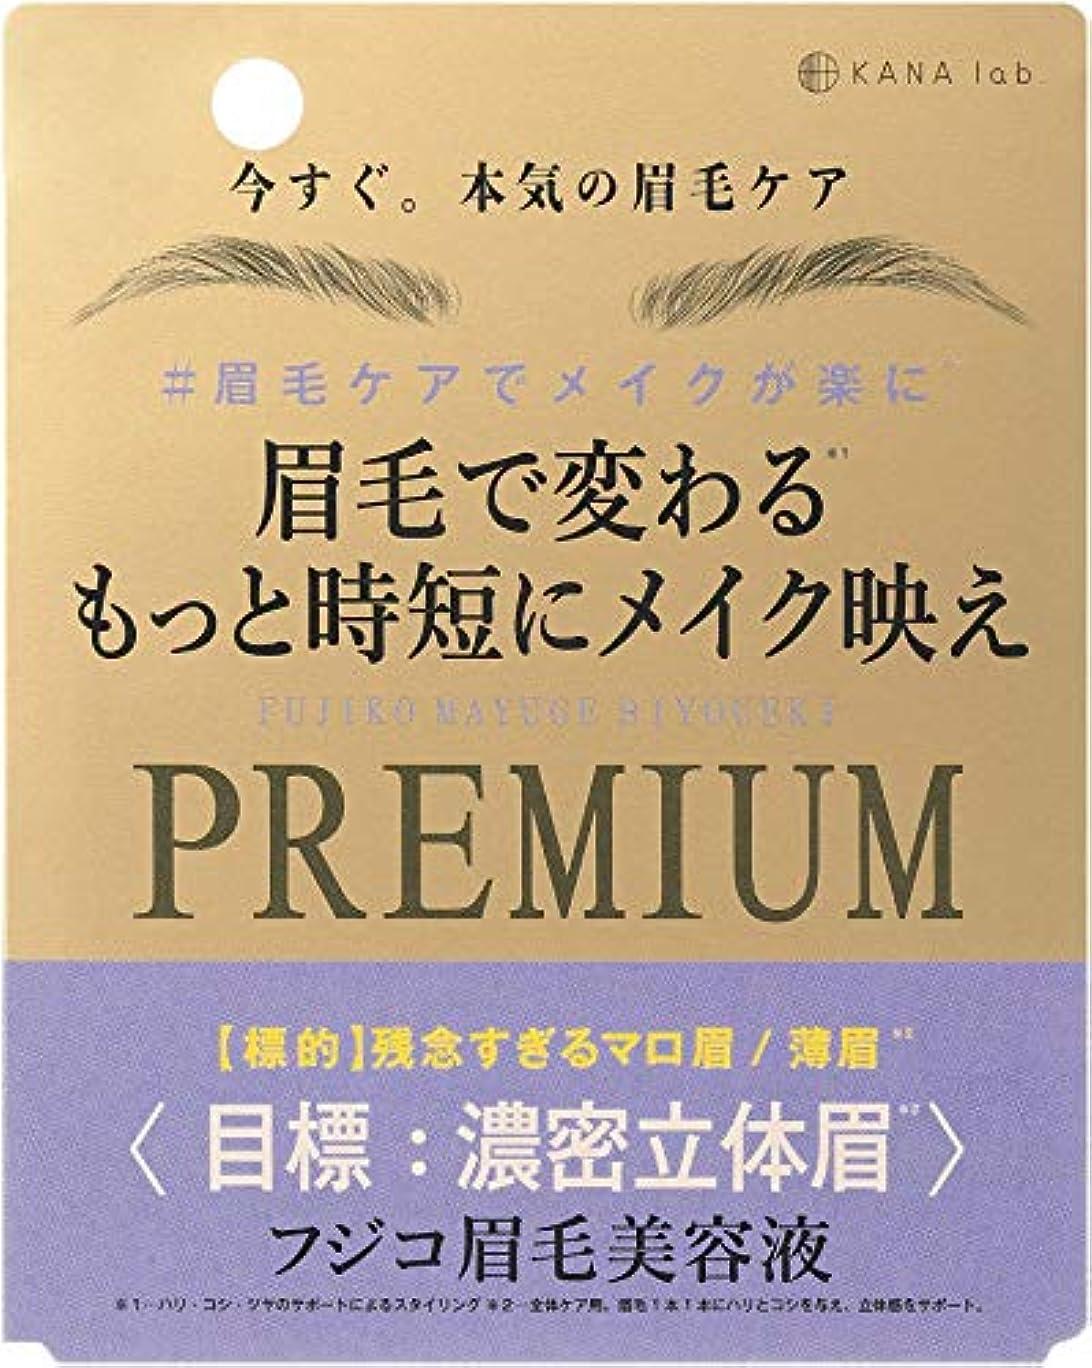 アルファベット順不正ウッズFujiko(フジコ) フジコ 眉毛美容液PREMIUM 6g